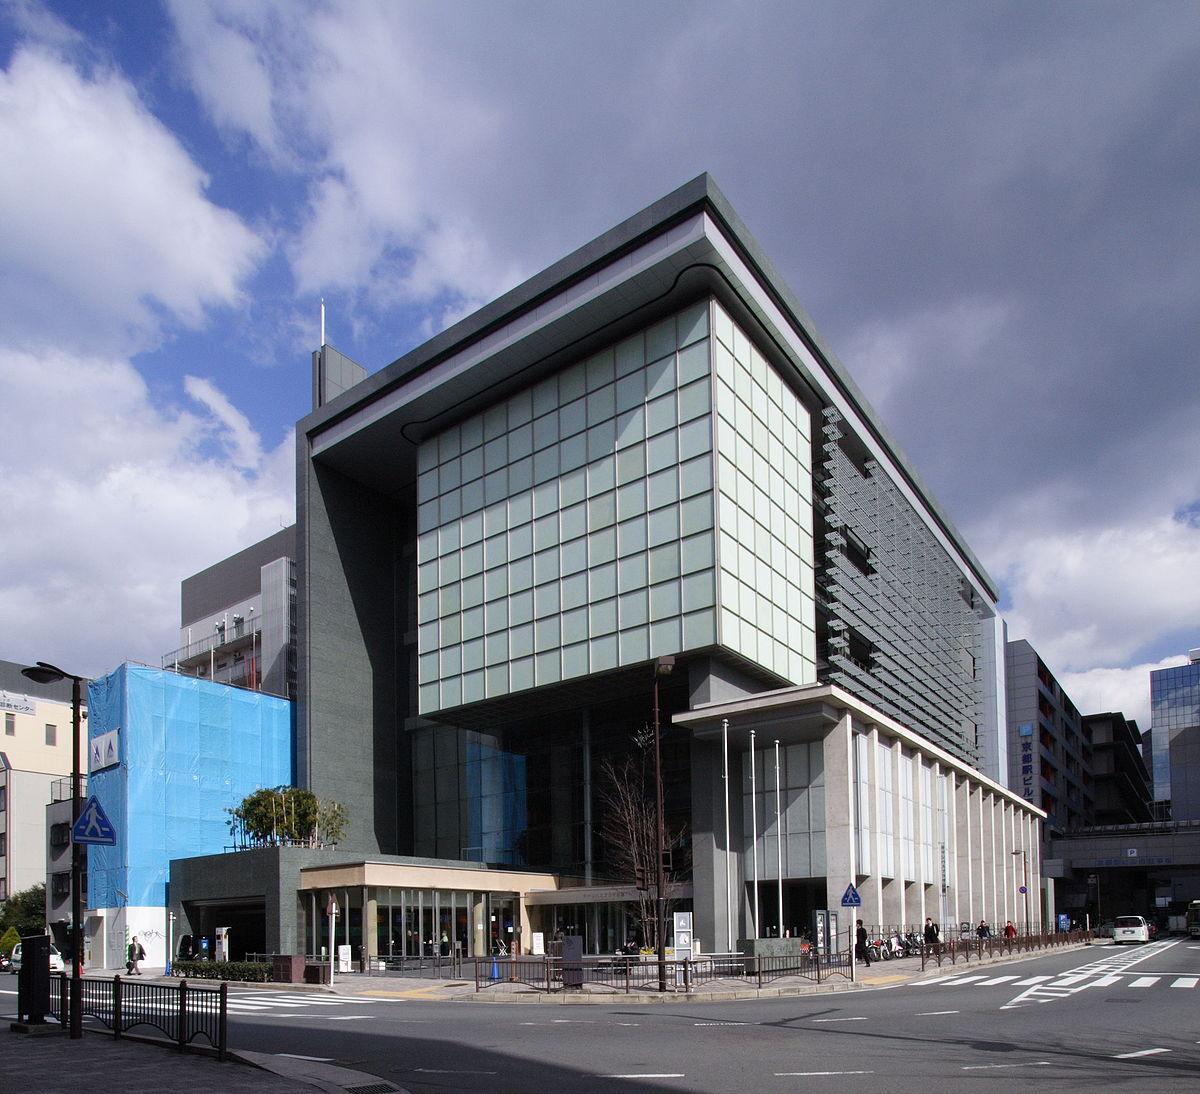 キャンパスプラザ京都 - Wikipedia